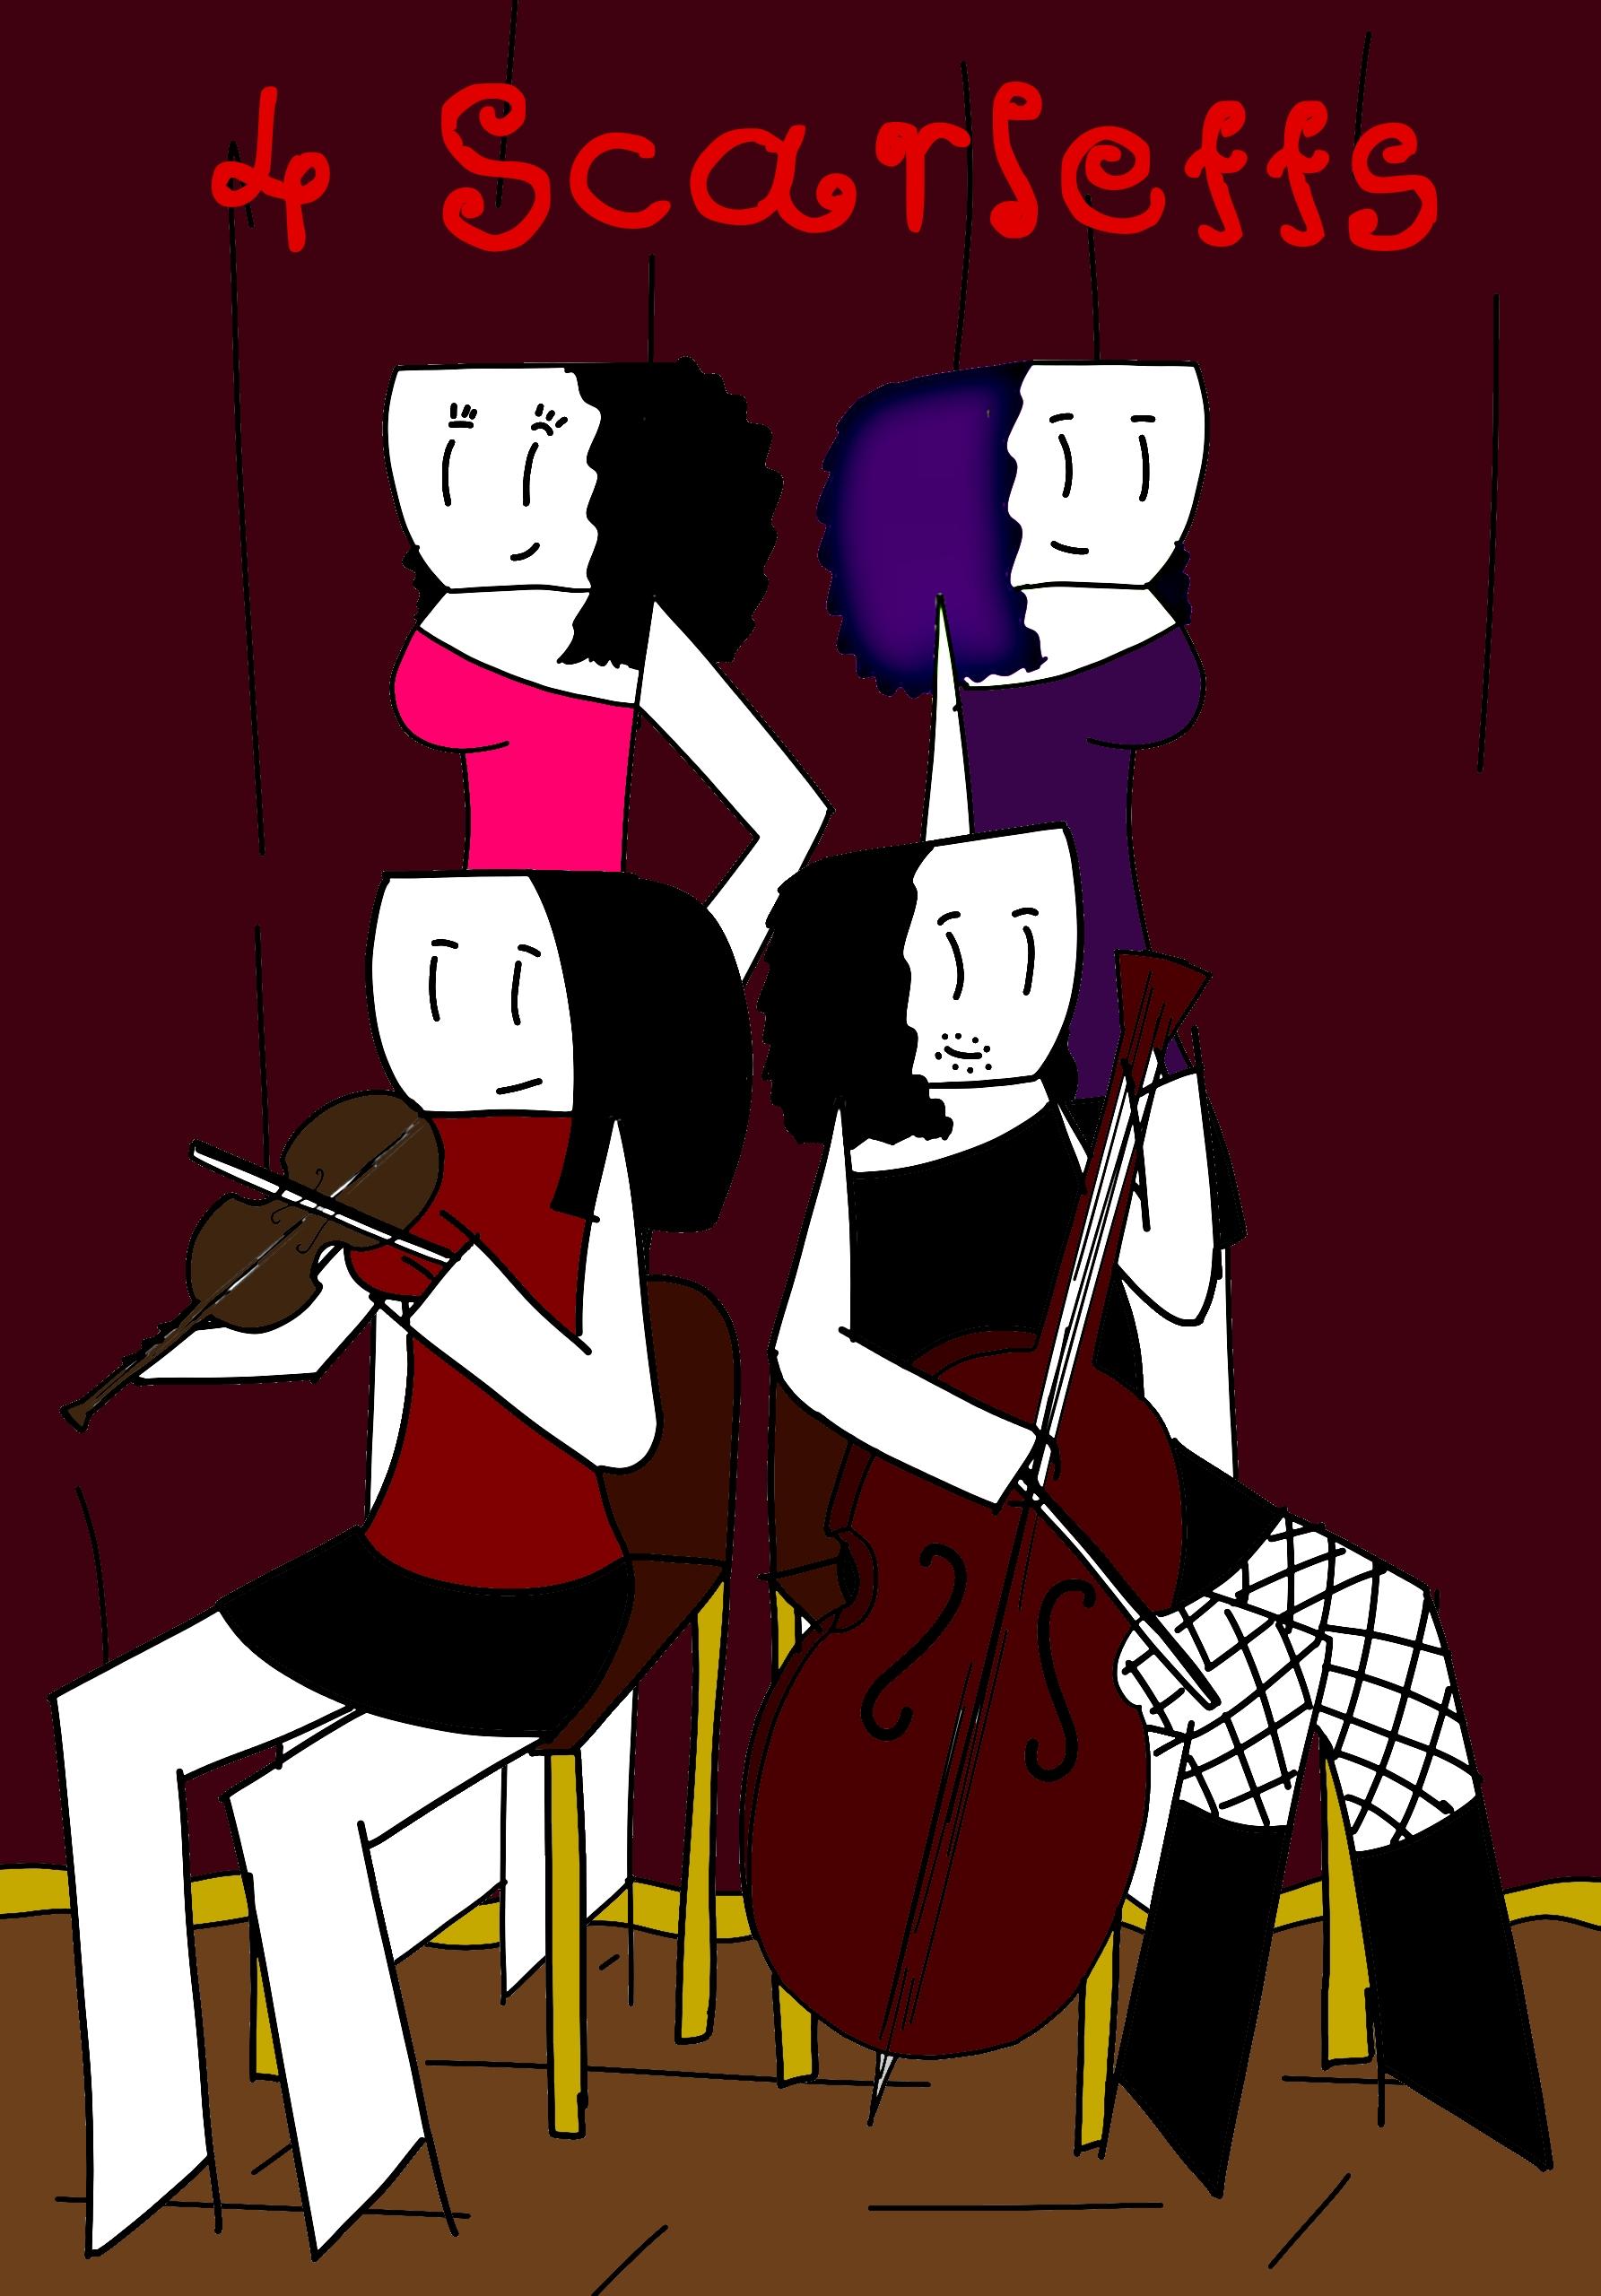 4 Scarletts